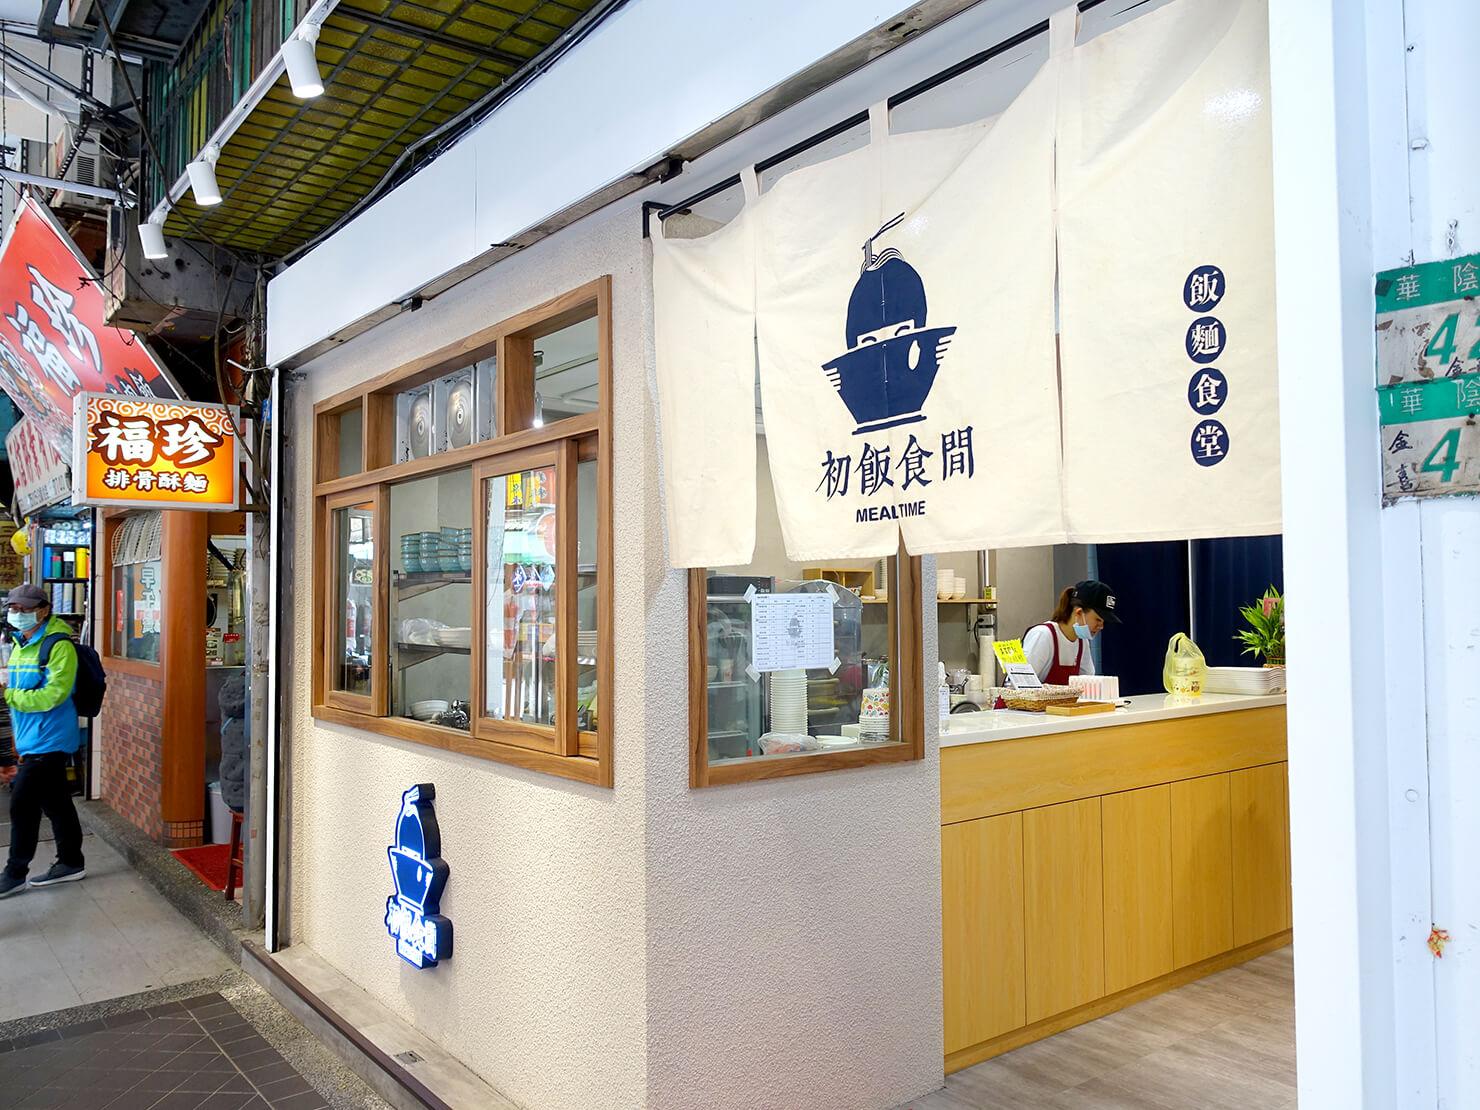 台北駅周辺のおすすめ台湾グルメ店「初飯食間」の外観